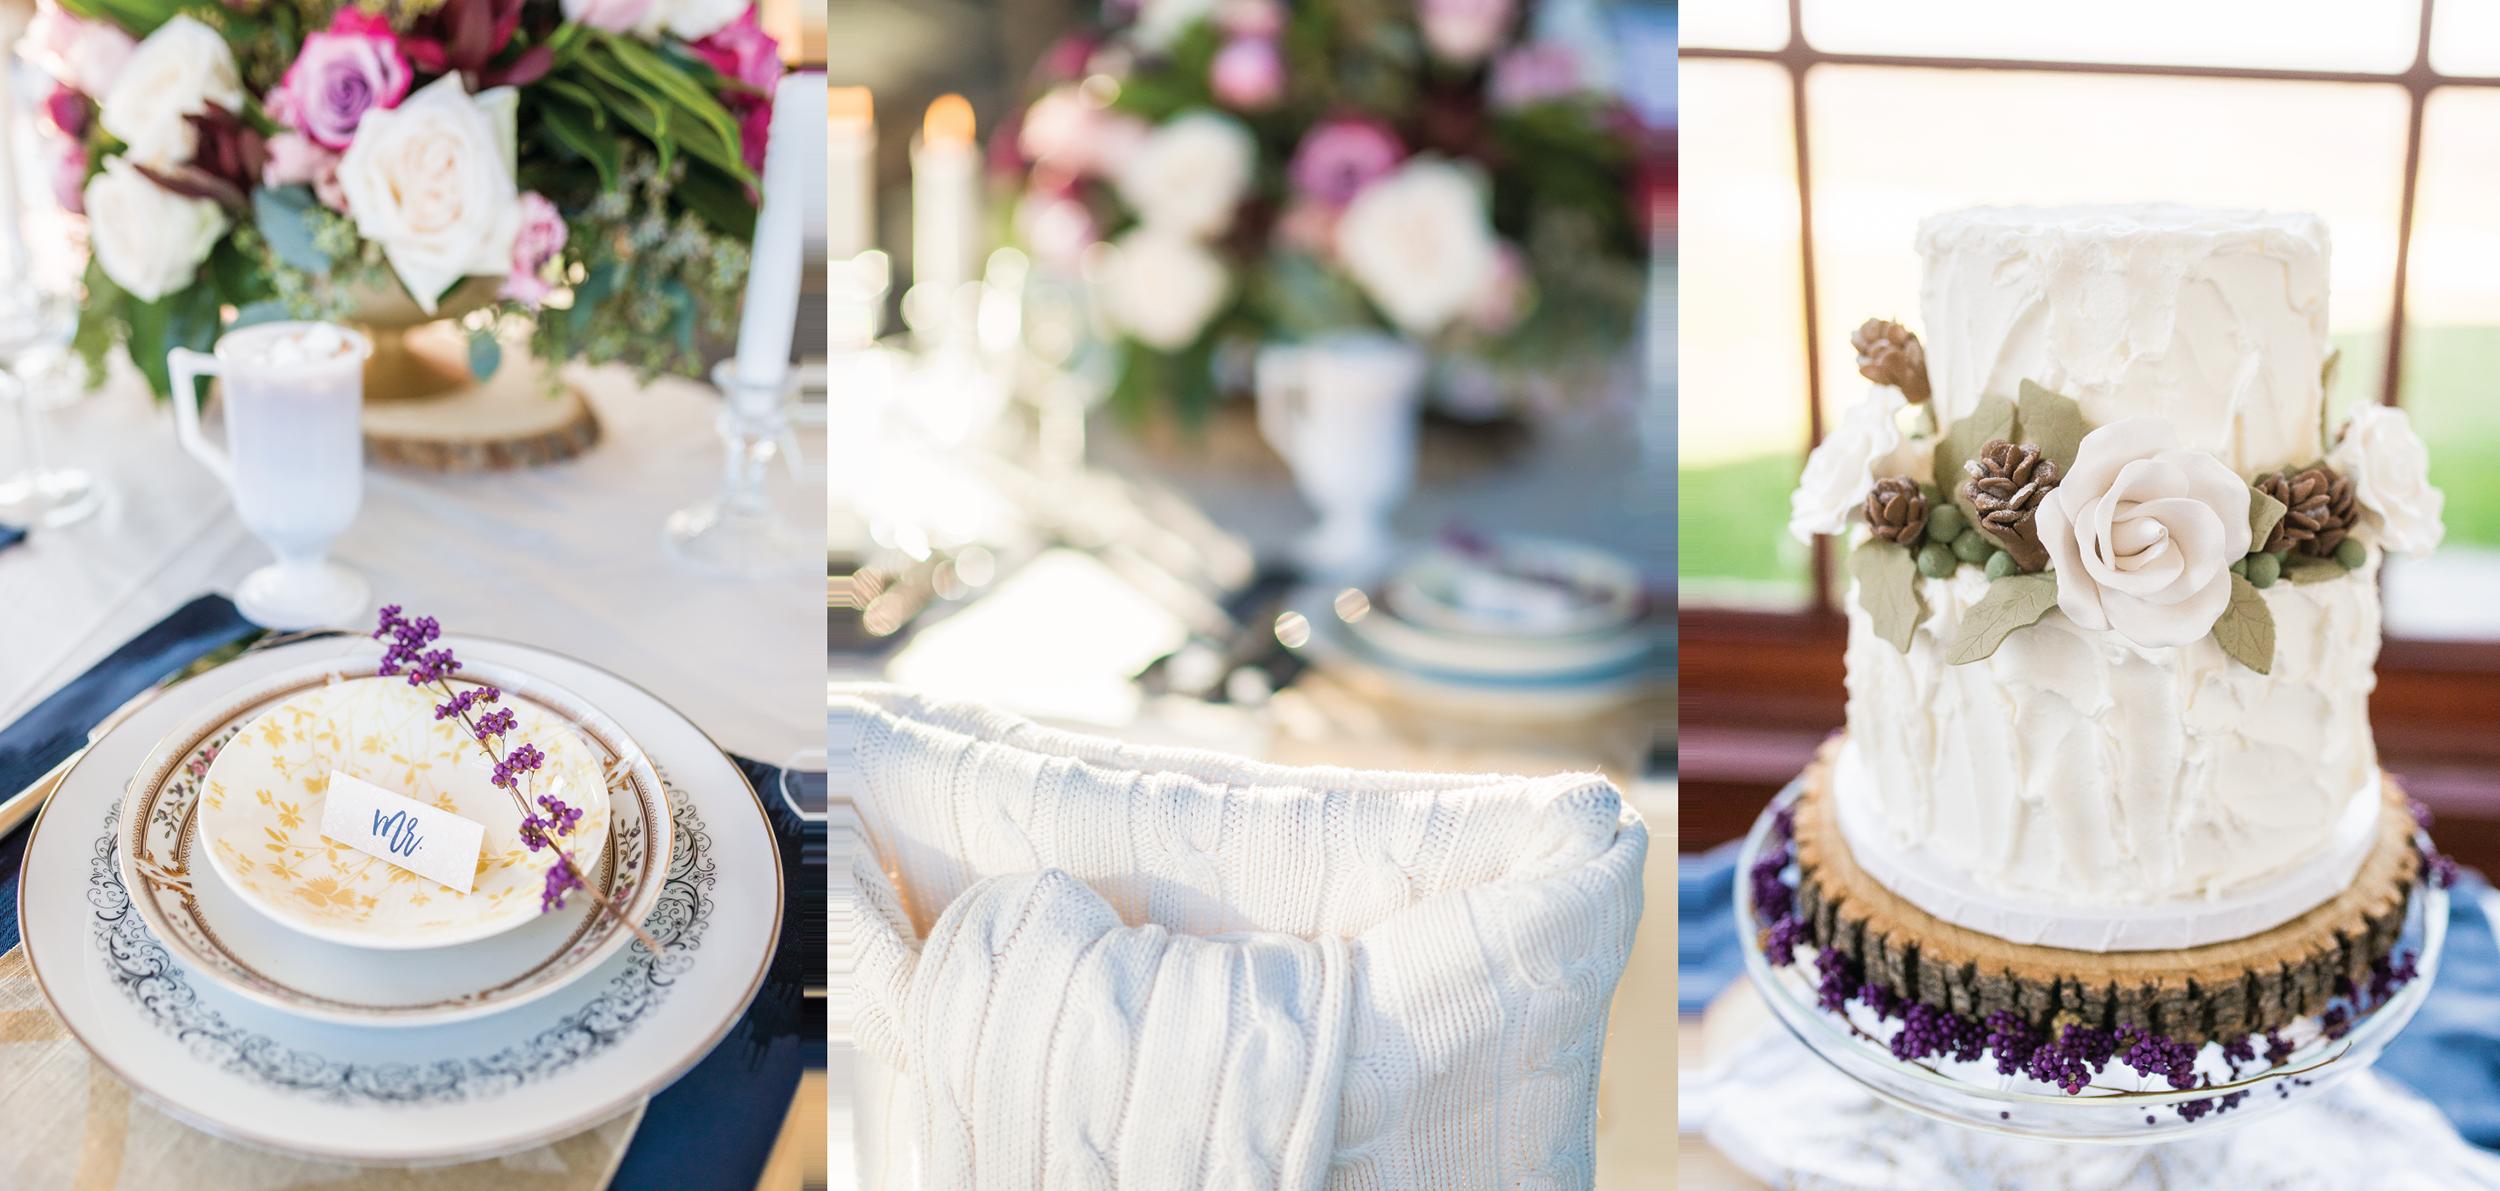 wedding, styled shoot, stationery, wedding inspiration, invitations